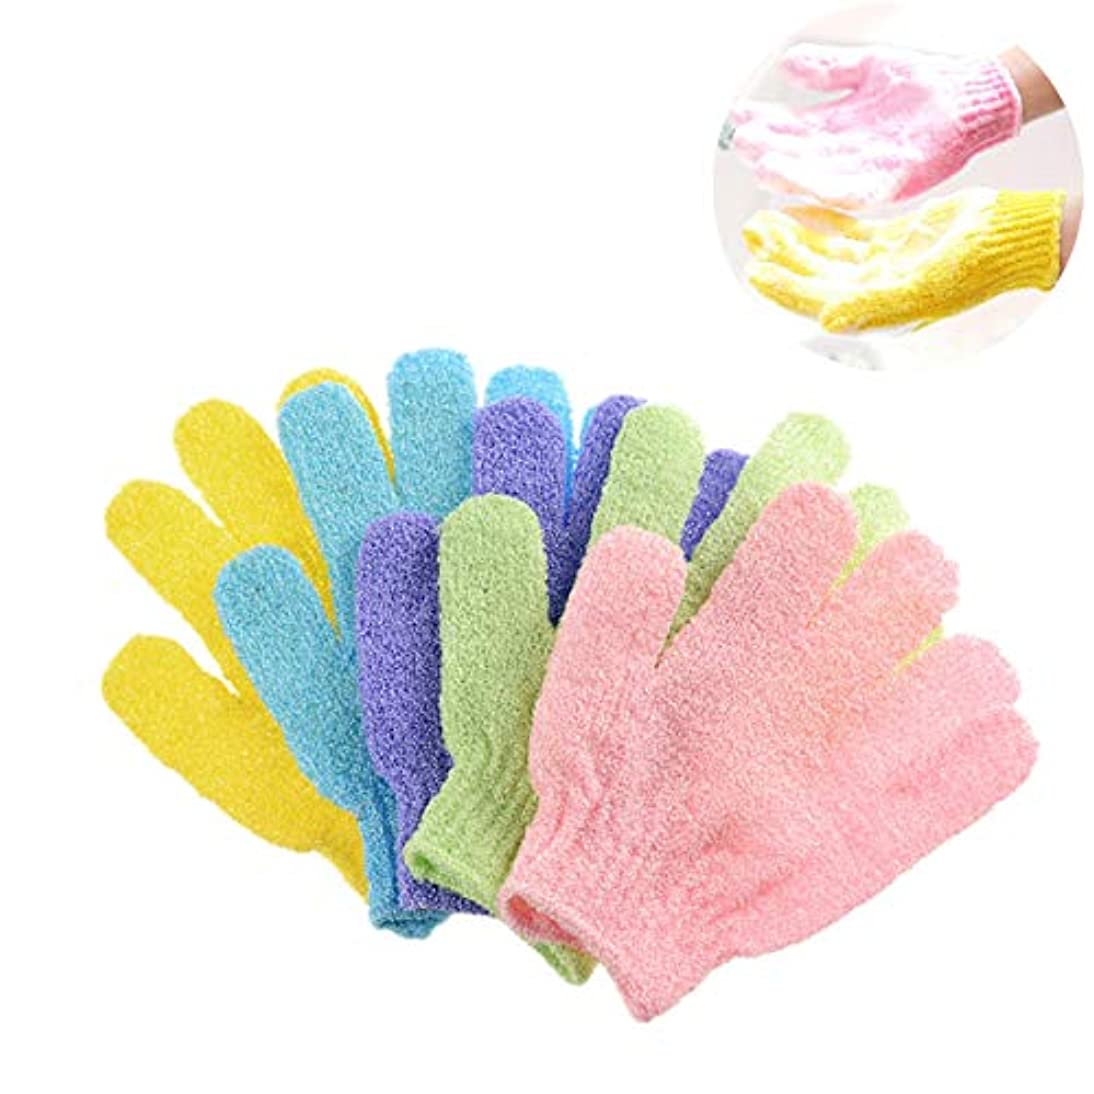 怠多様な議論するKingsie 浴用手袋 10枚セット(5ペア) ボディウォッシュ手袋 お風呂手袋 角質除去 角質取り 泡立ち 垢すり グローブ